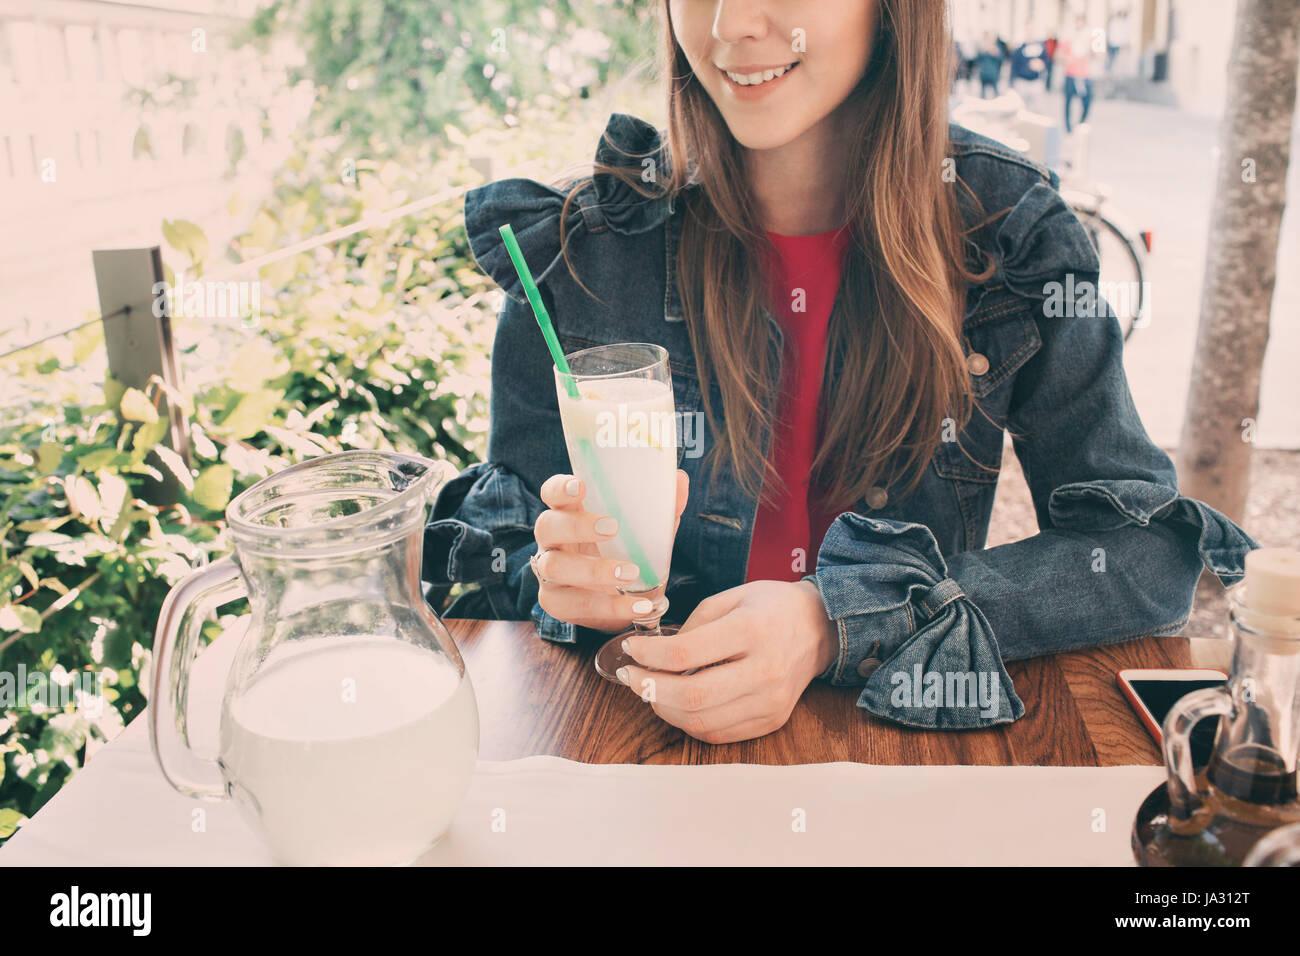 Giovane ragazza sorridente potabili dolci gustosi cocktail , incredibile giorno rilassante e gustosa la limonata, Immagini Stock